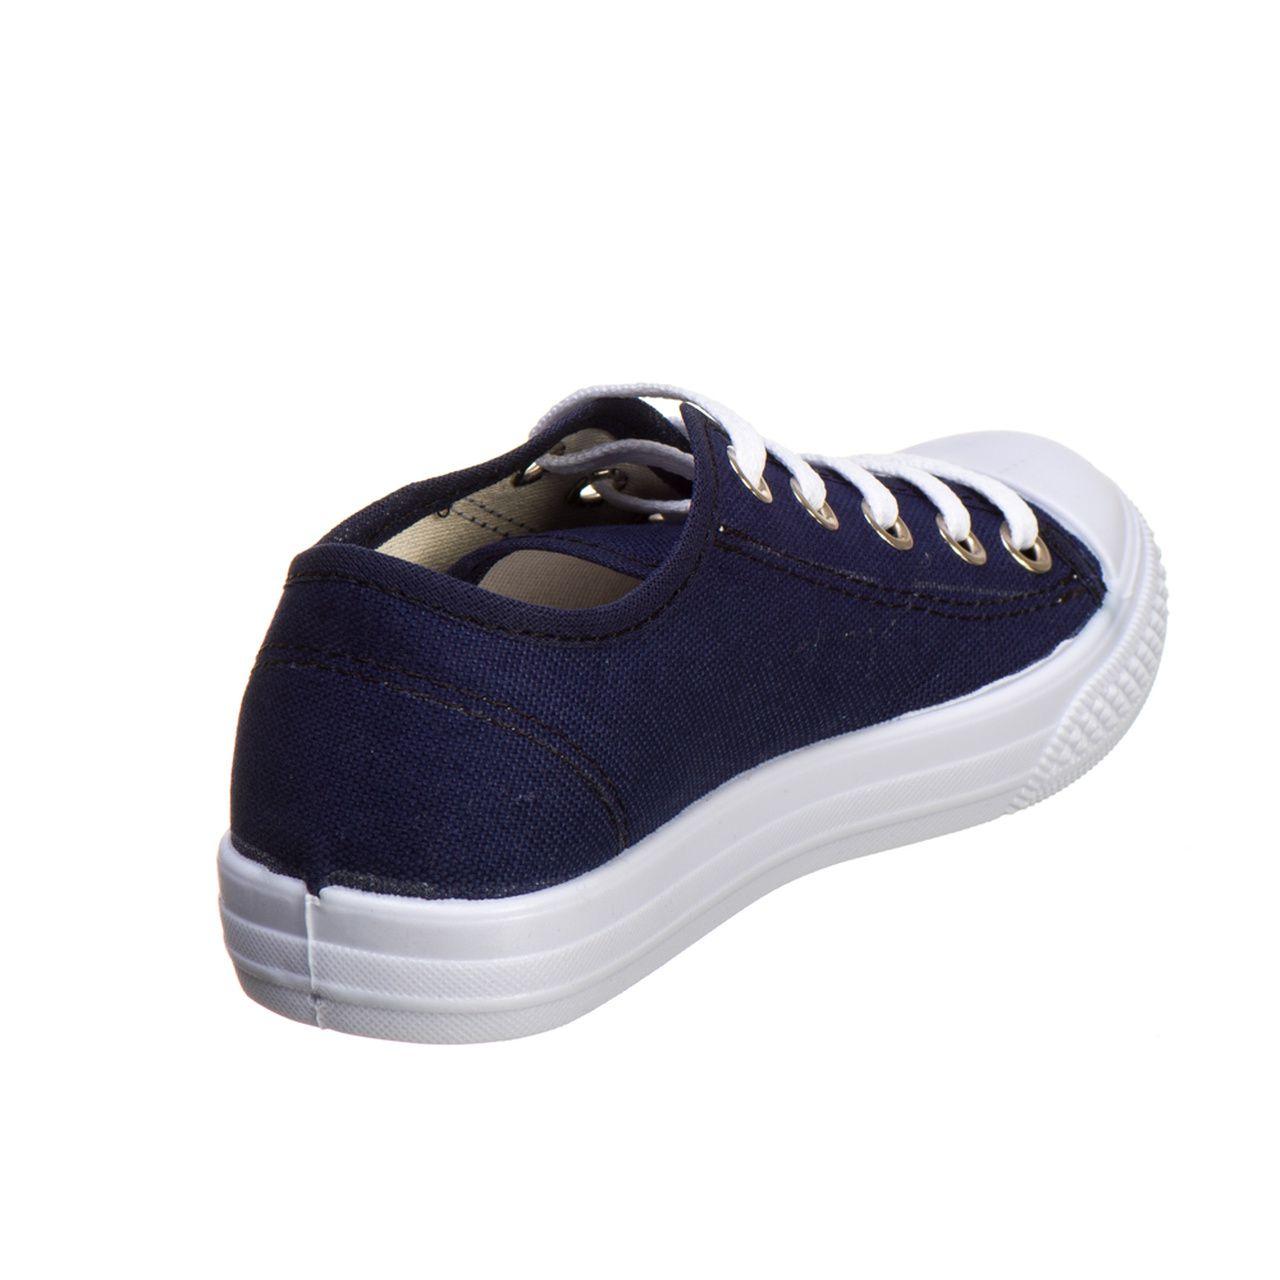 29249e72ec Tênis Infantil Masculino e Feminino Escolar Azul e Branco - Kapell ...